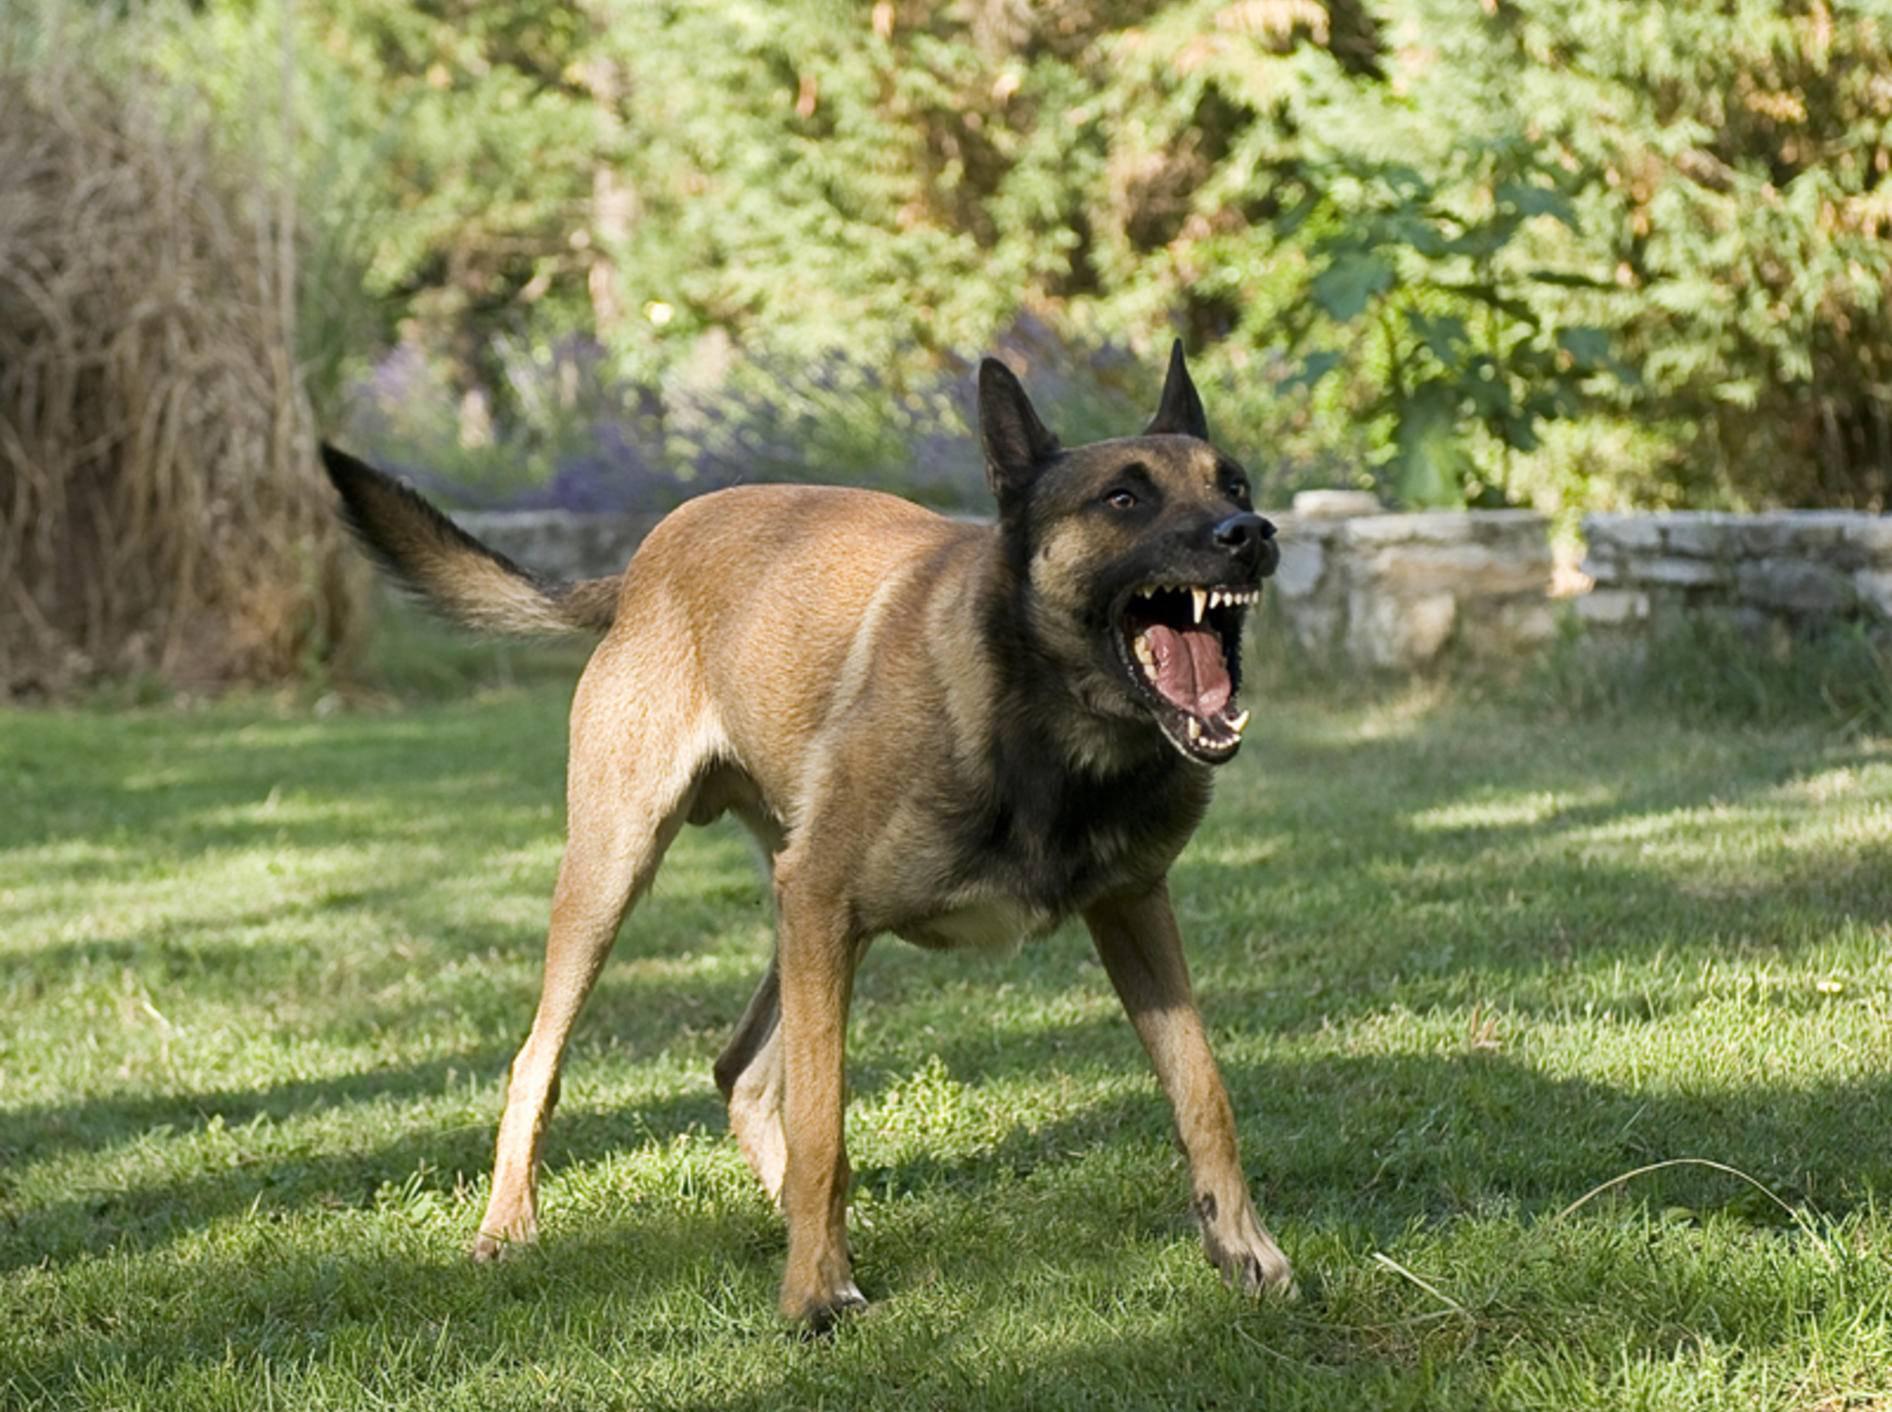 Unehrlichkeit bei der Problemhundetherapie kann gefährlich werden – Shutterstock / cynoclub